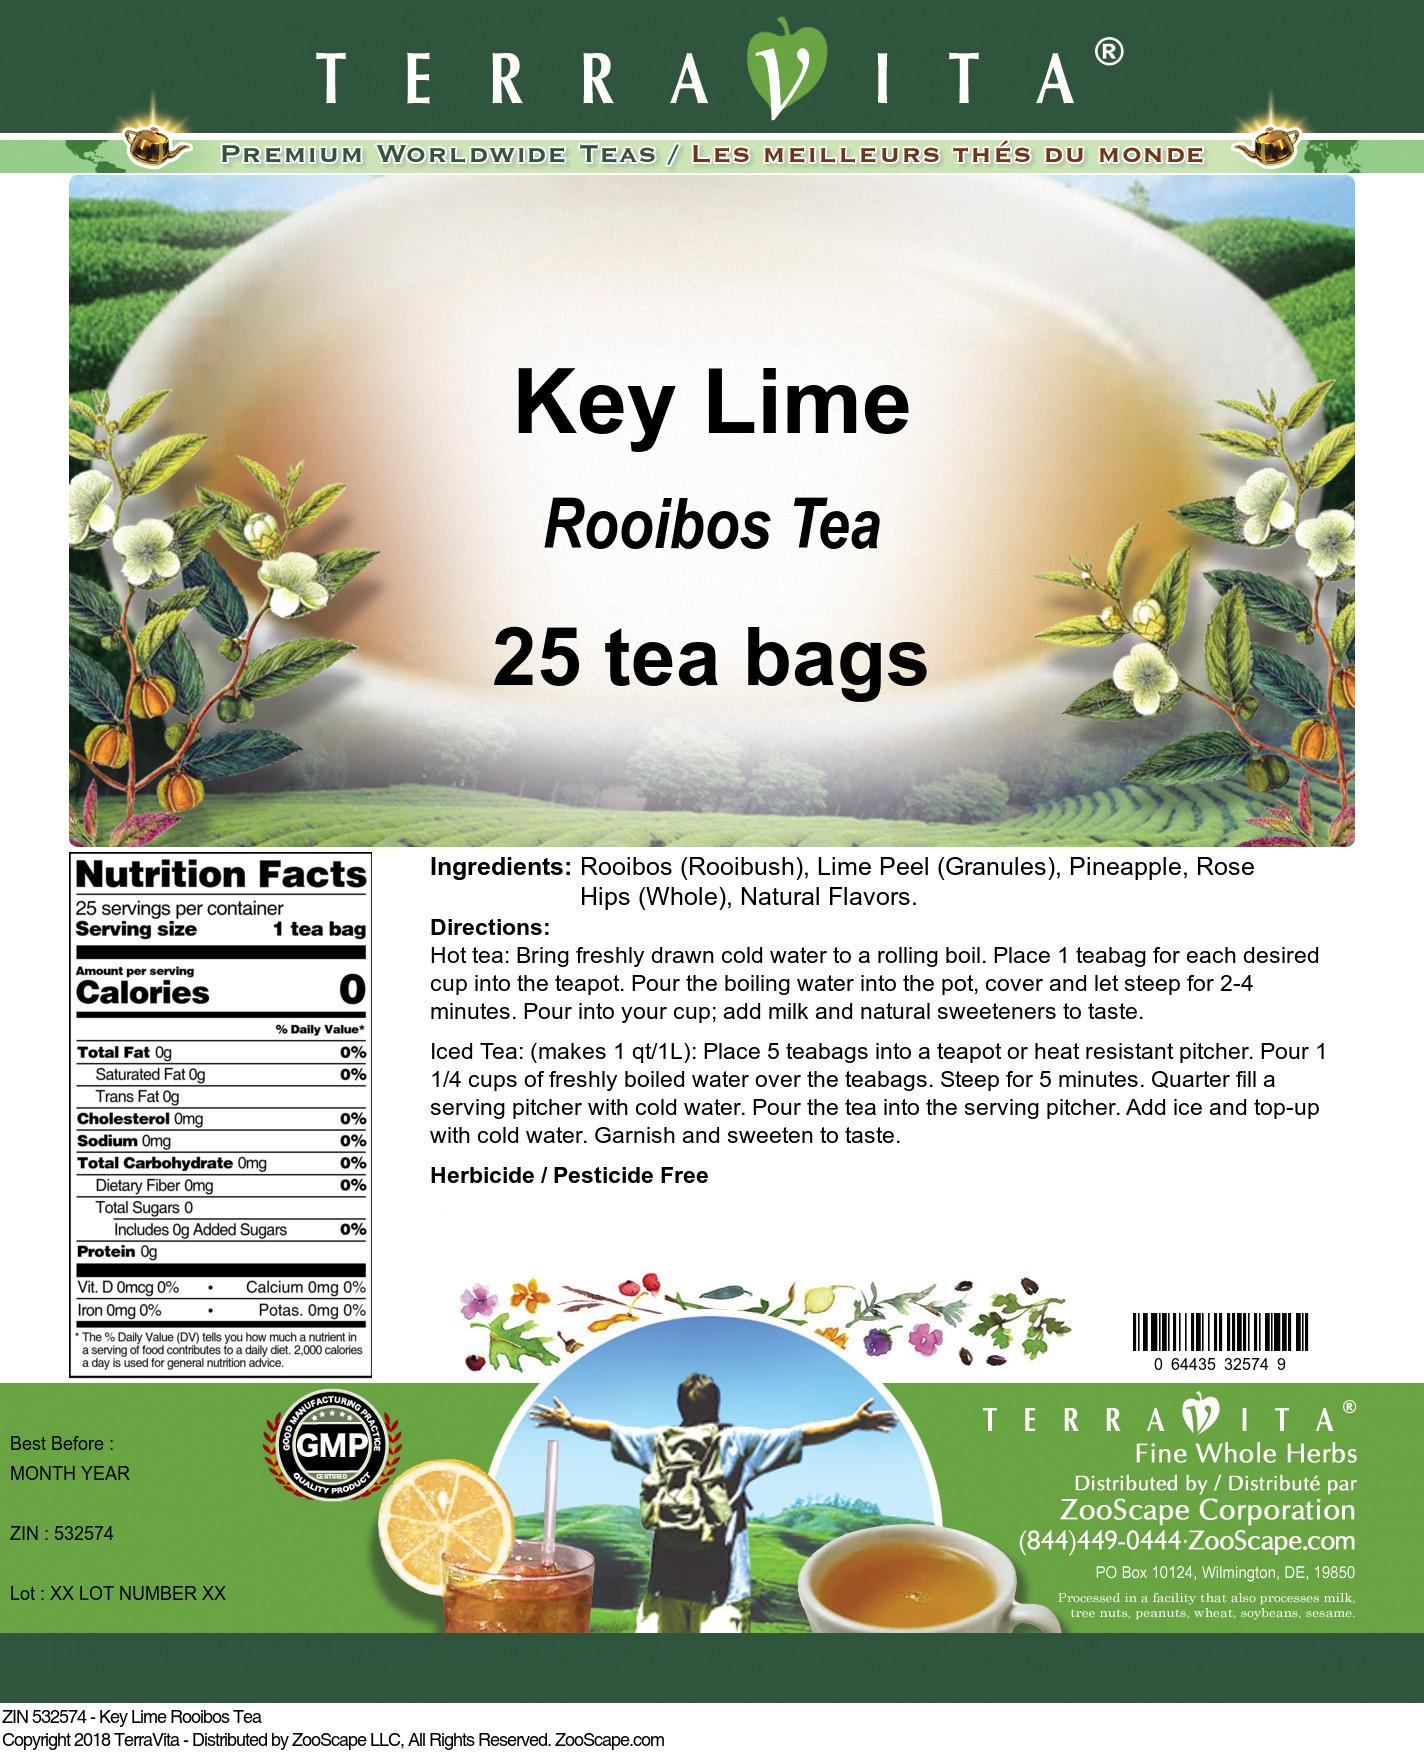 Key Lime Rooibos Tea